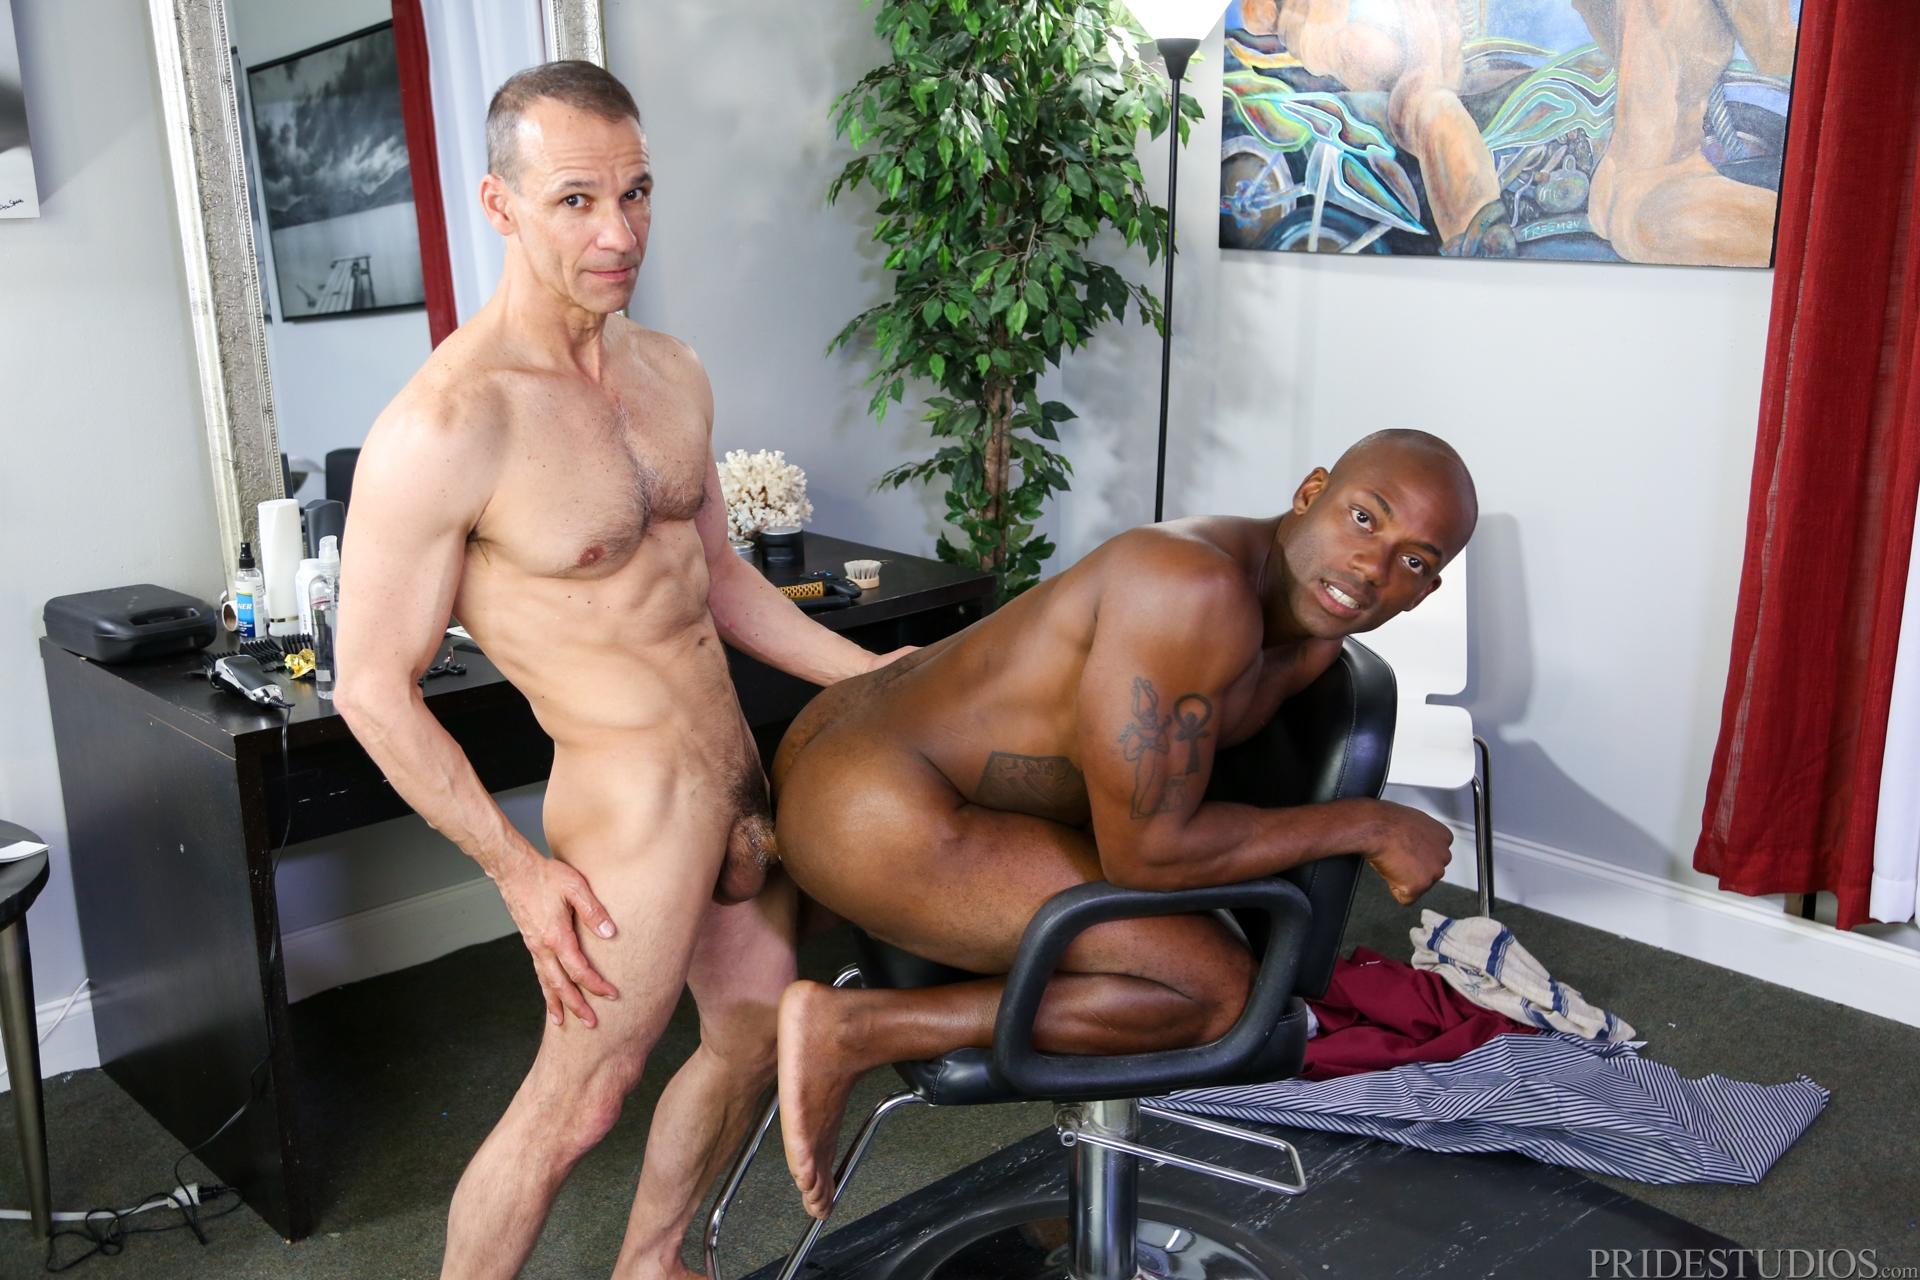 Секс в парихмахерской, Секс с парикмахершей в салоне красоты - порно видео 5 фотография